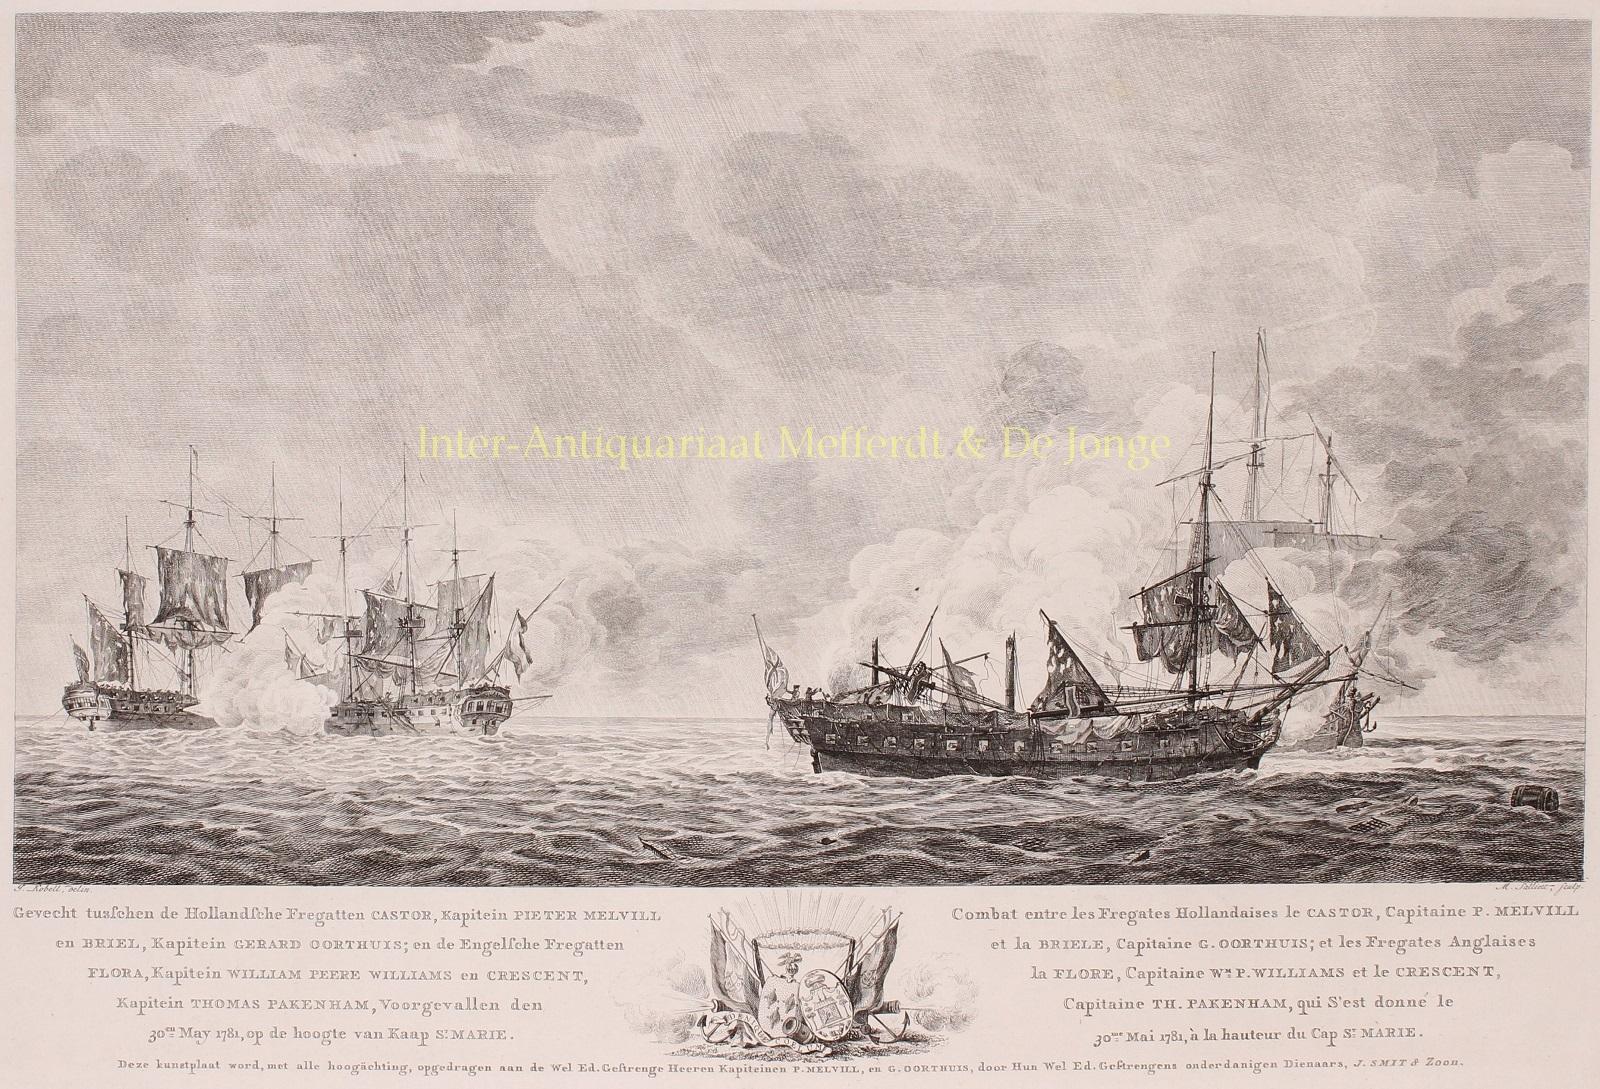 Gevecht tusschen de Hollandsche Fregatten Castor, Kapitein: Battle of Cape